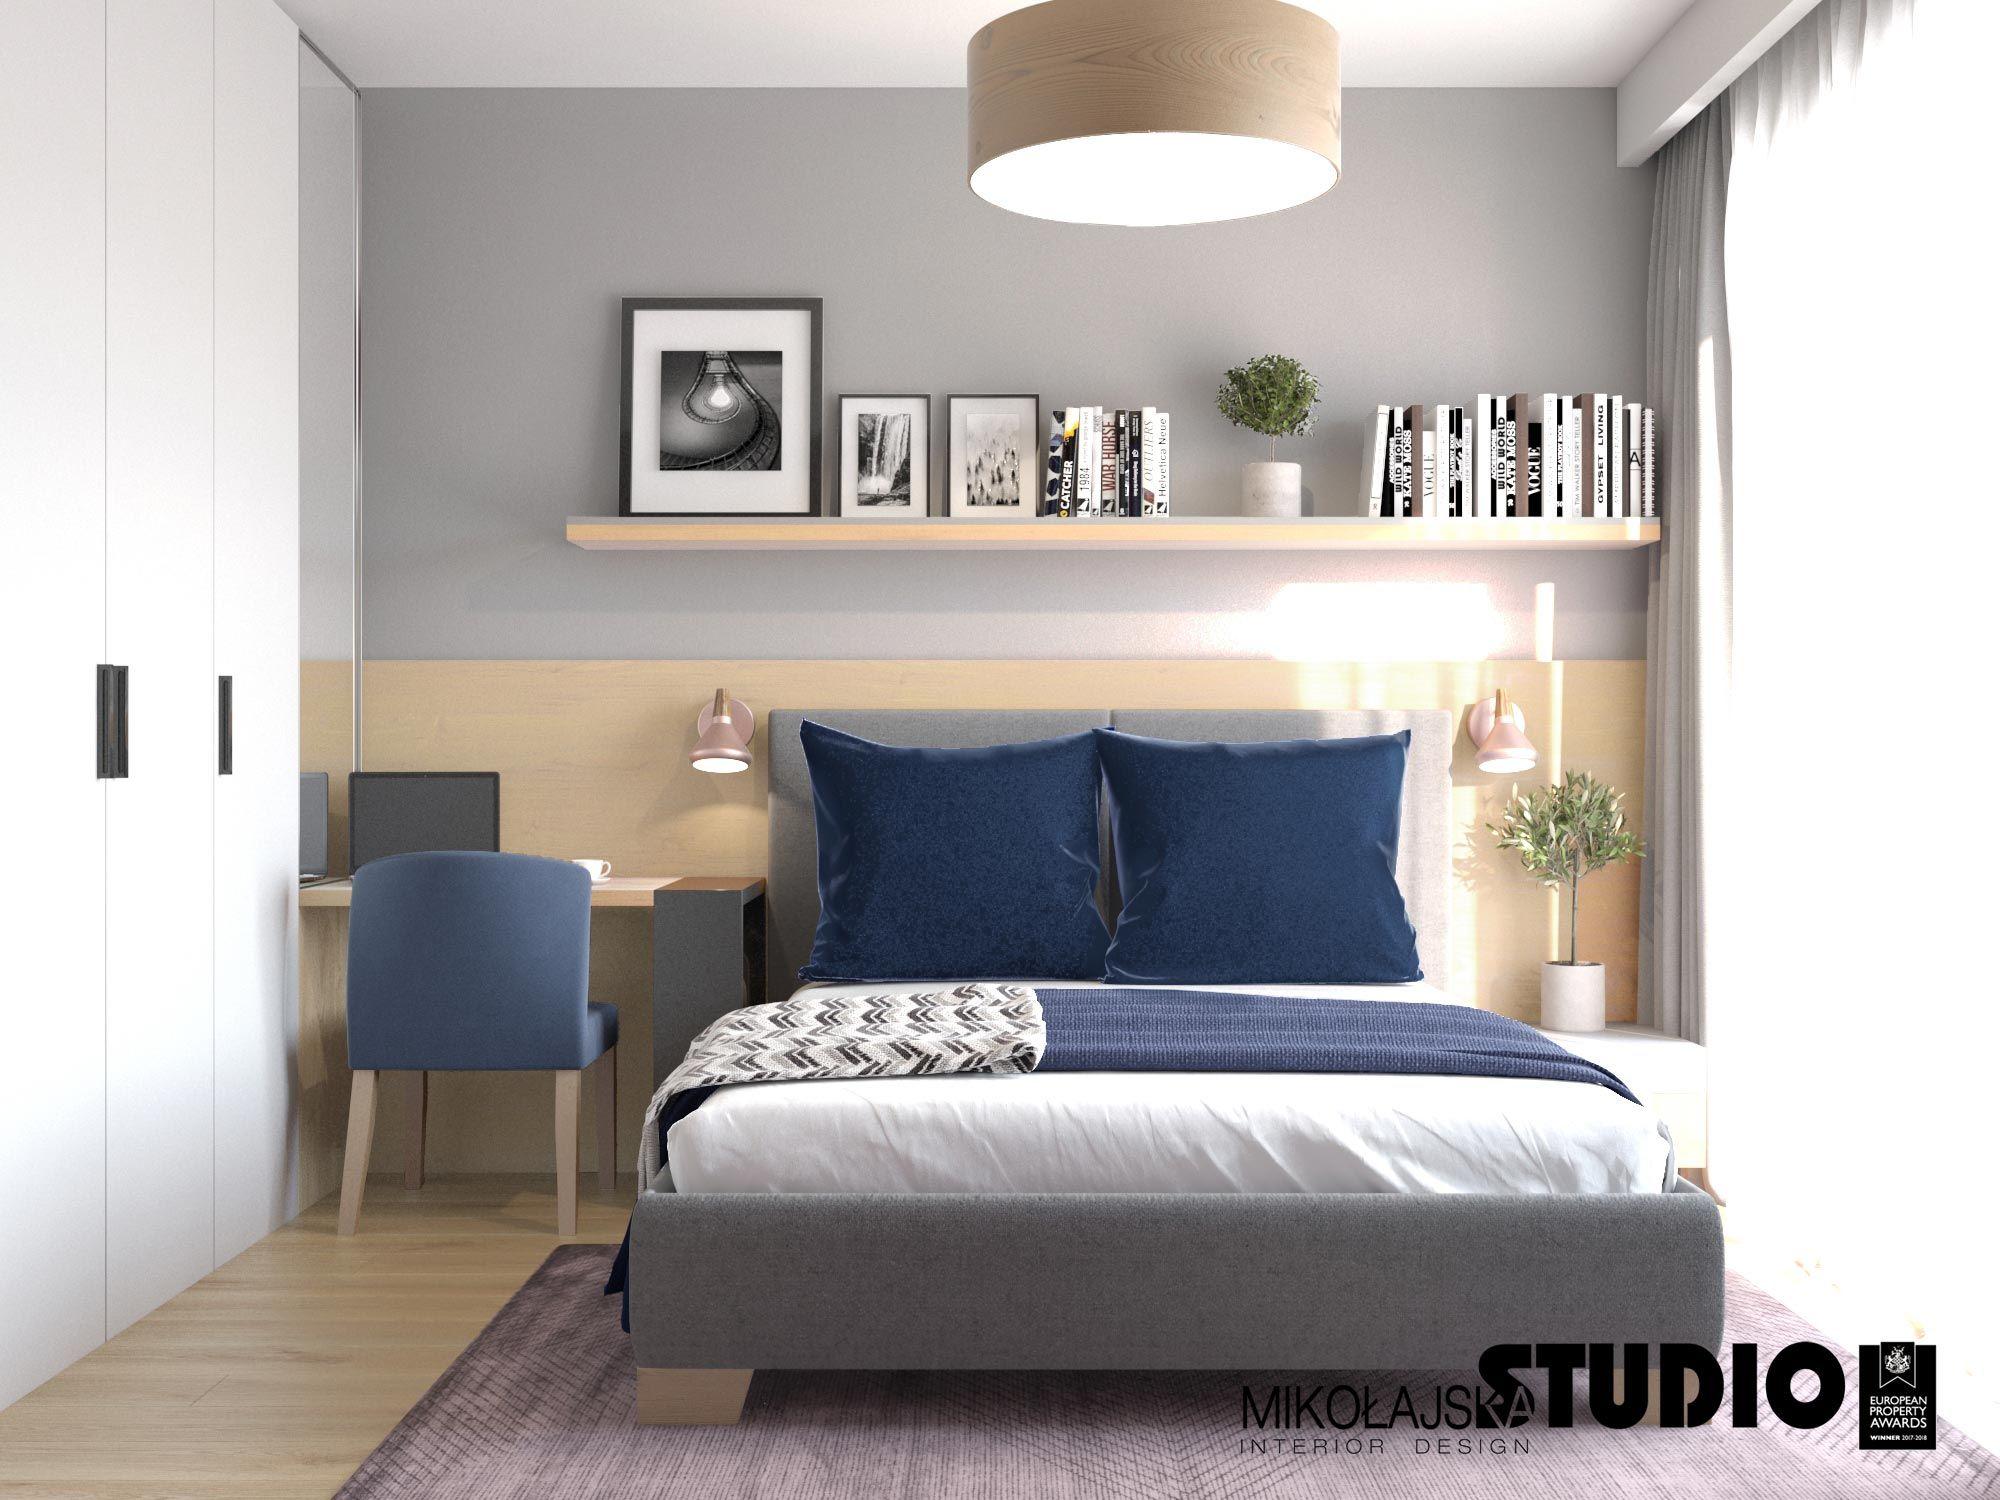 Wielkie Podwójne łóżko Drewniany Zagłówek Biała